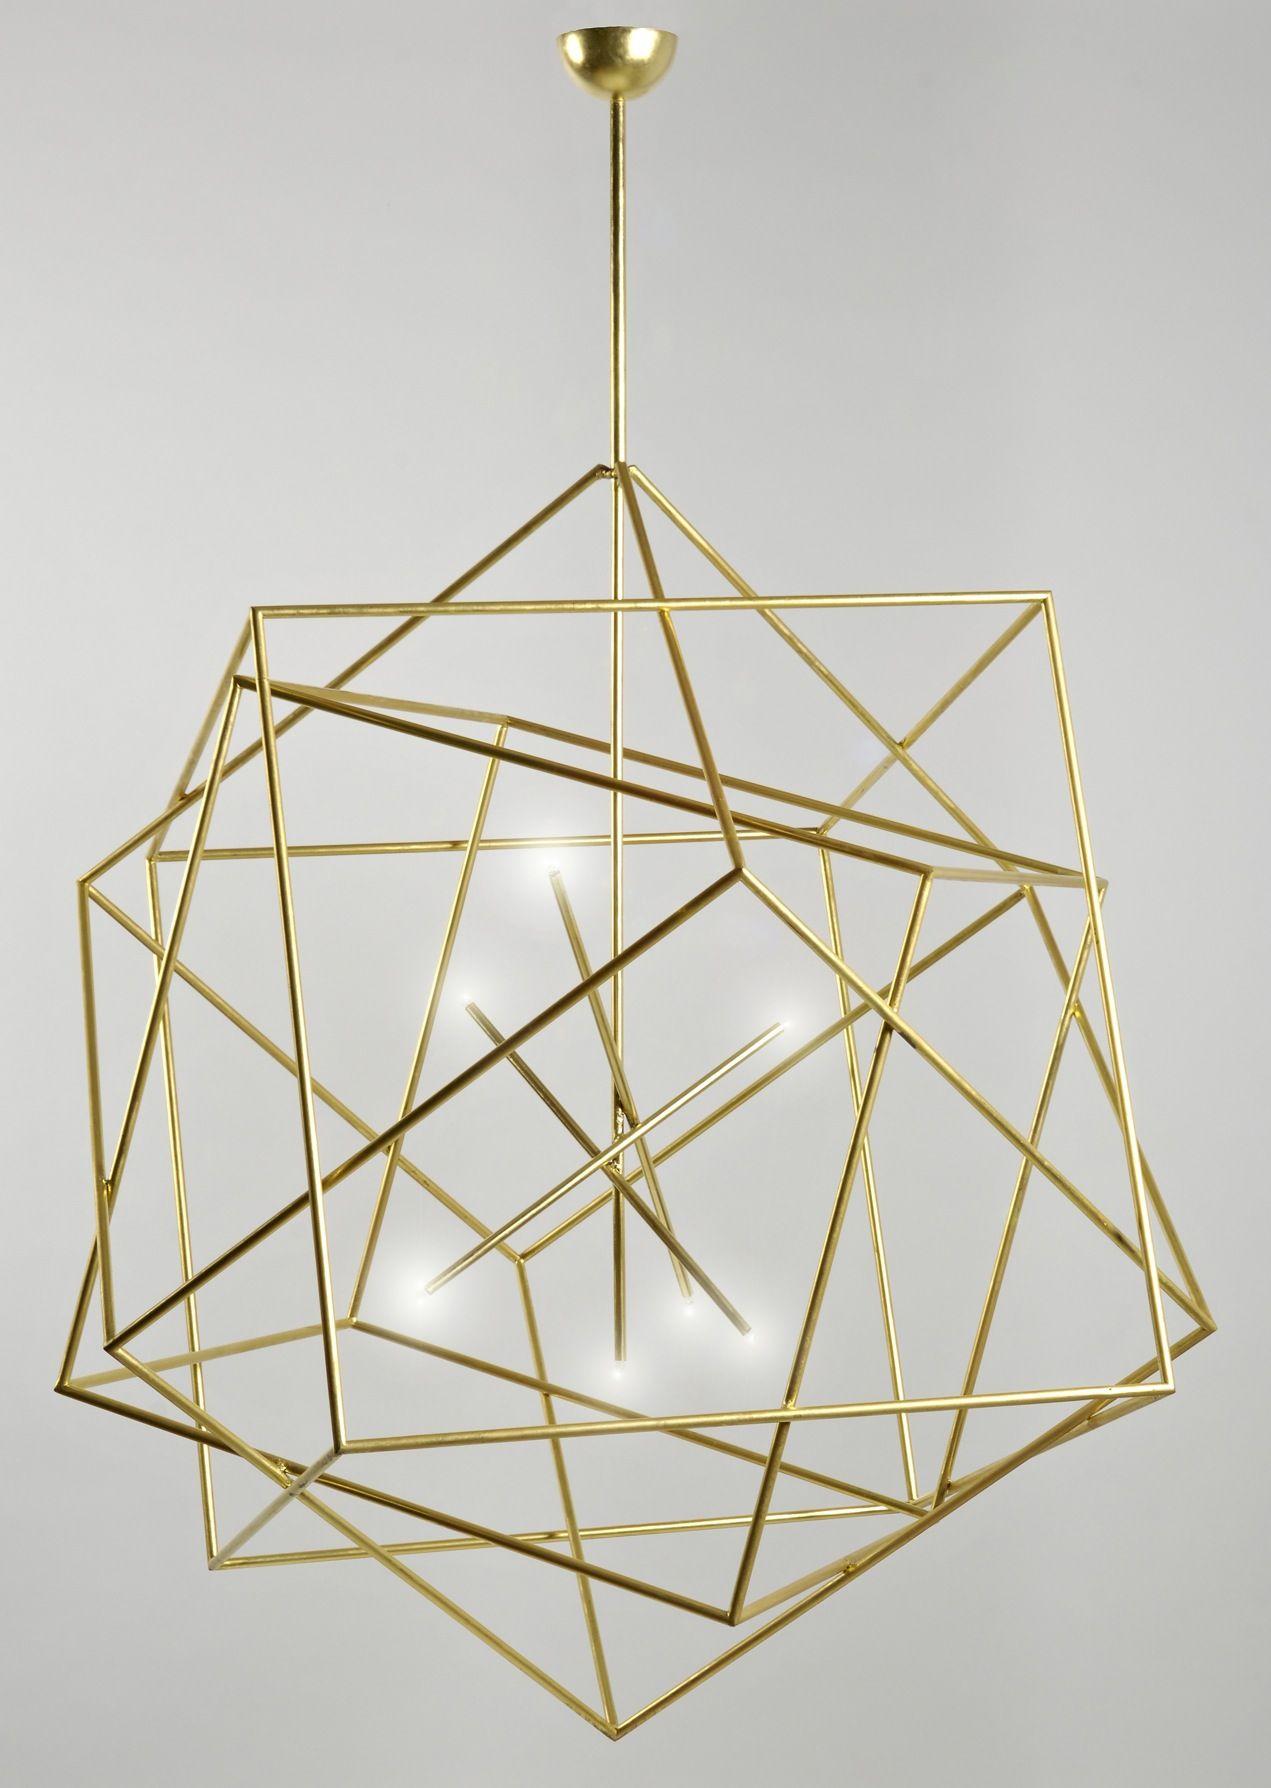 Chandelier  Bedroom light fixtures, Geometric lighting, Geometric